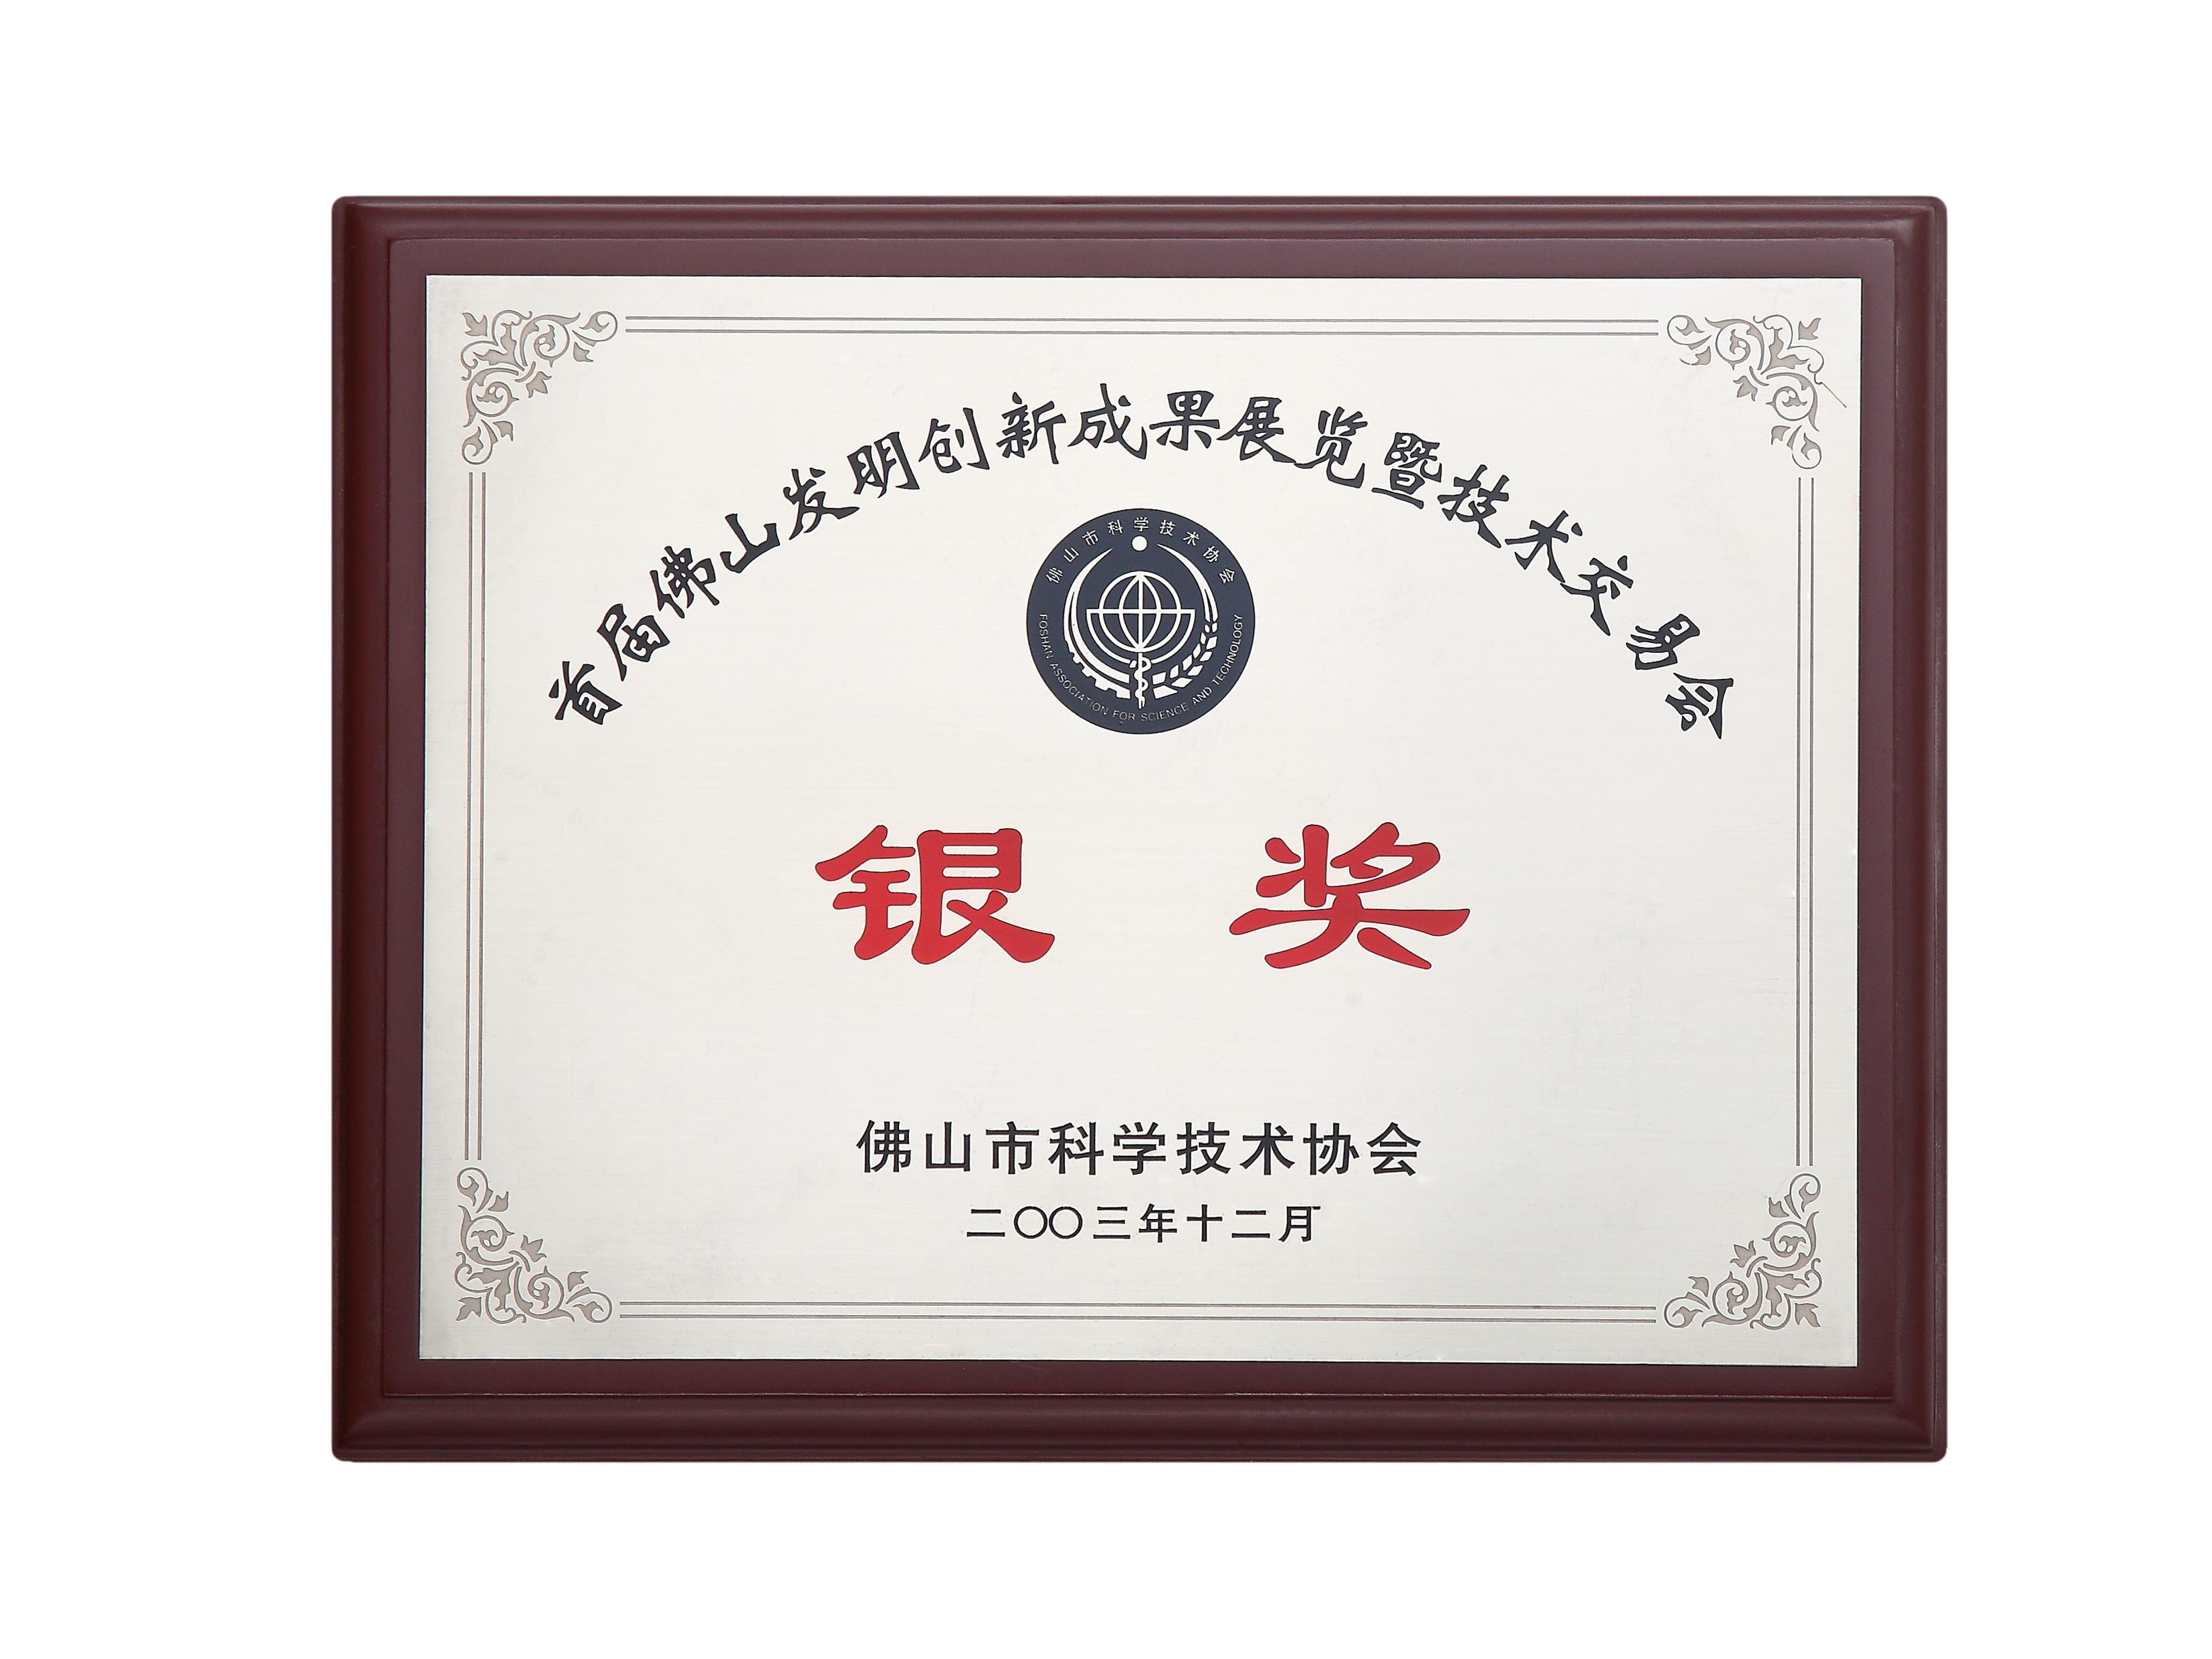 发明创新科技银奖-美联荣誉